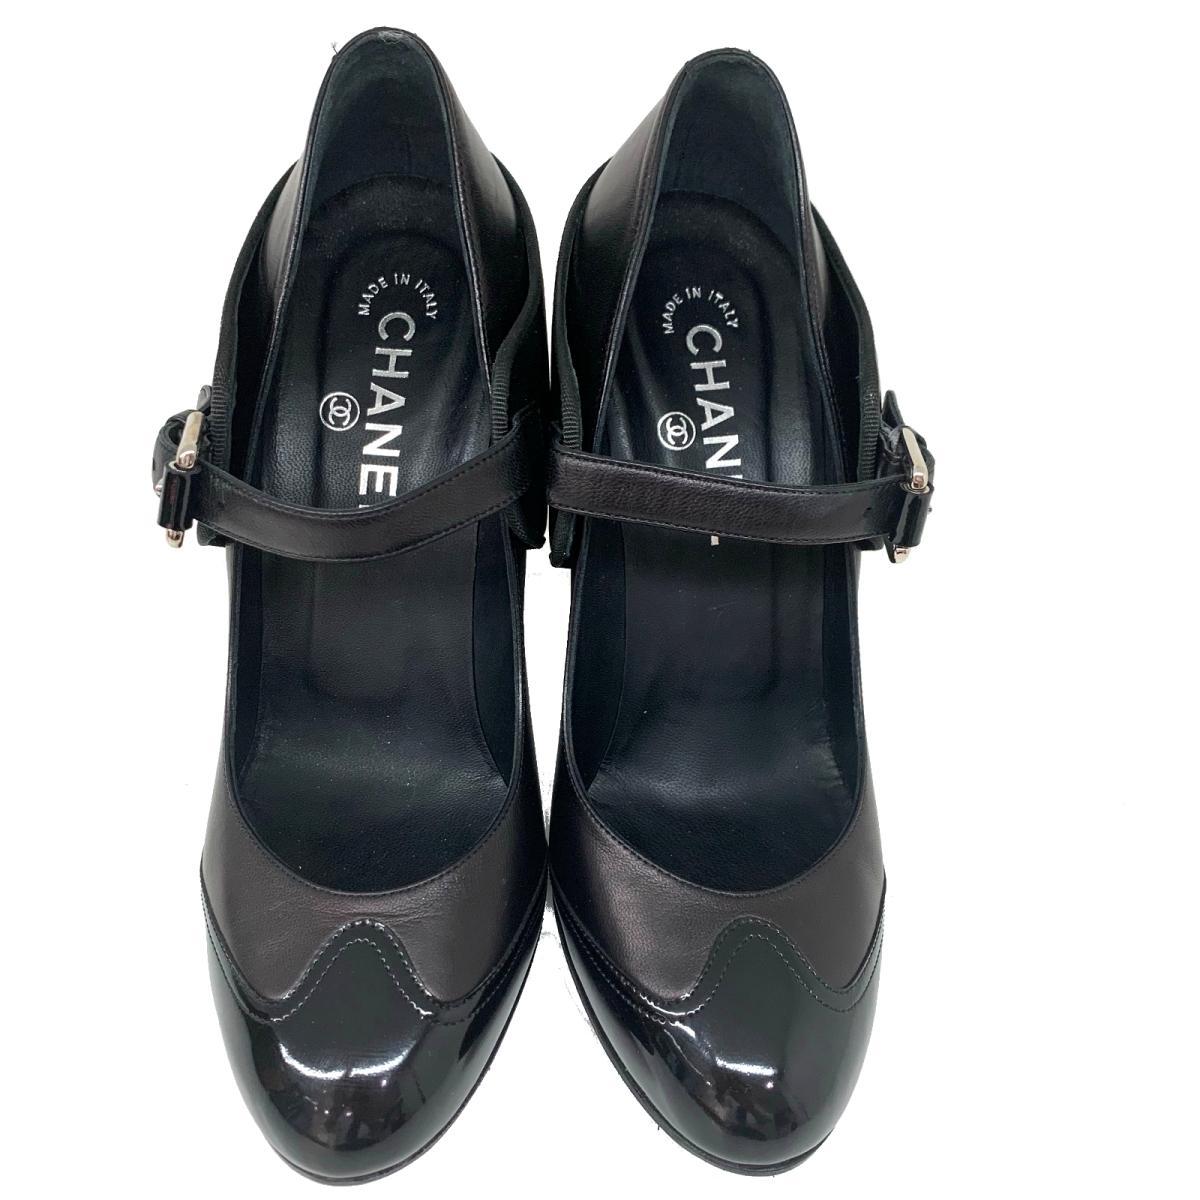 ハイヒール 靴